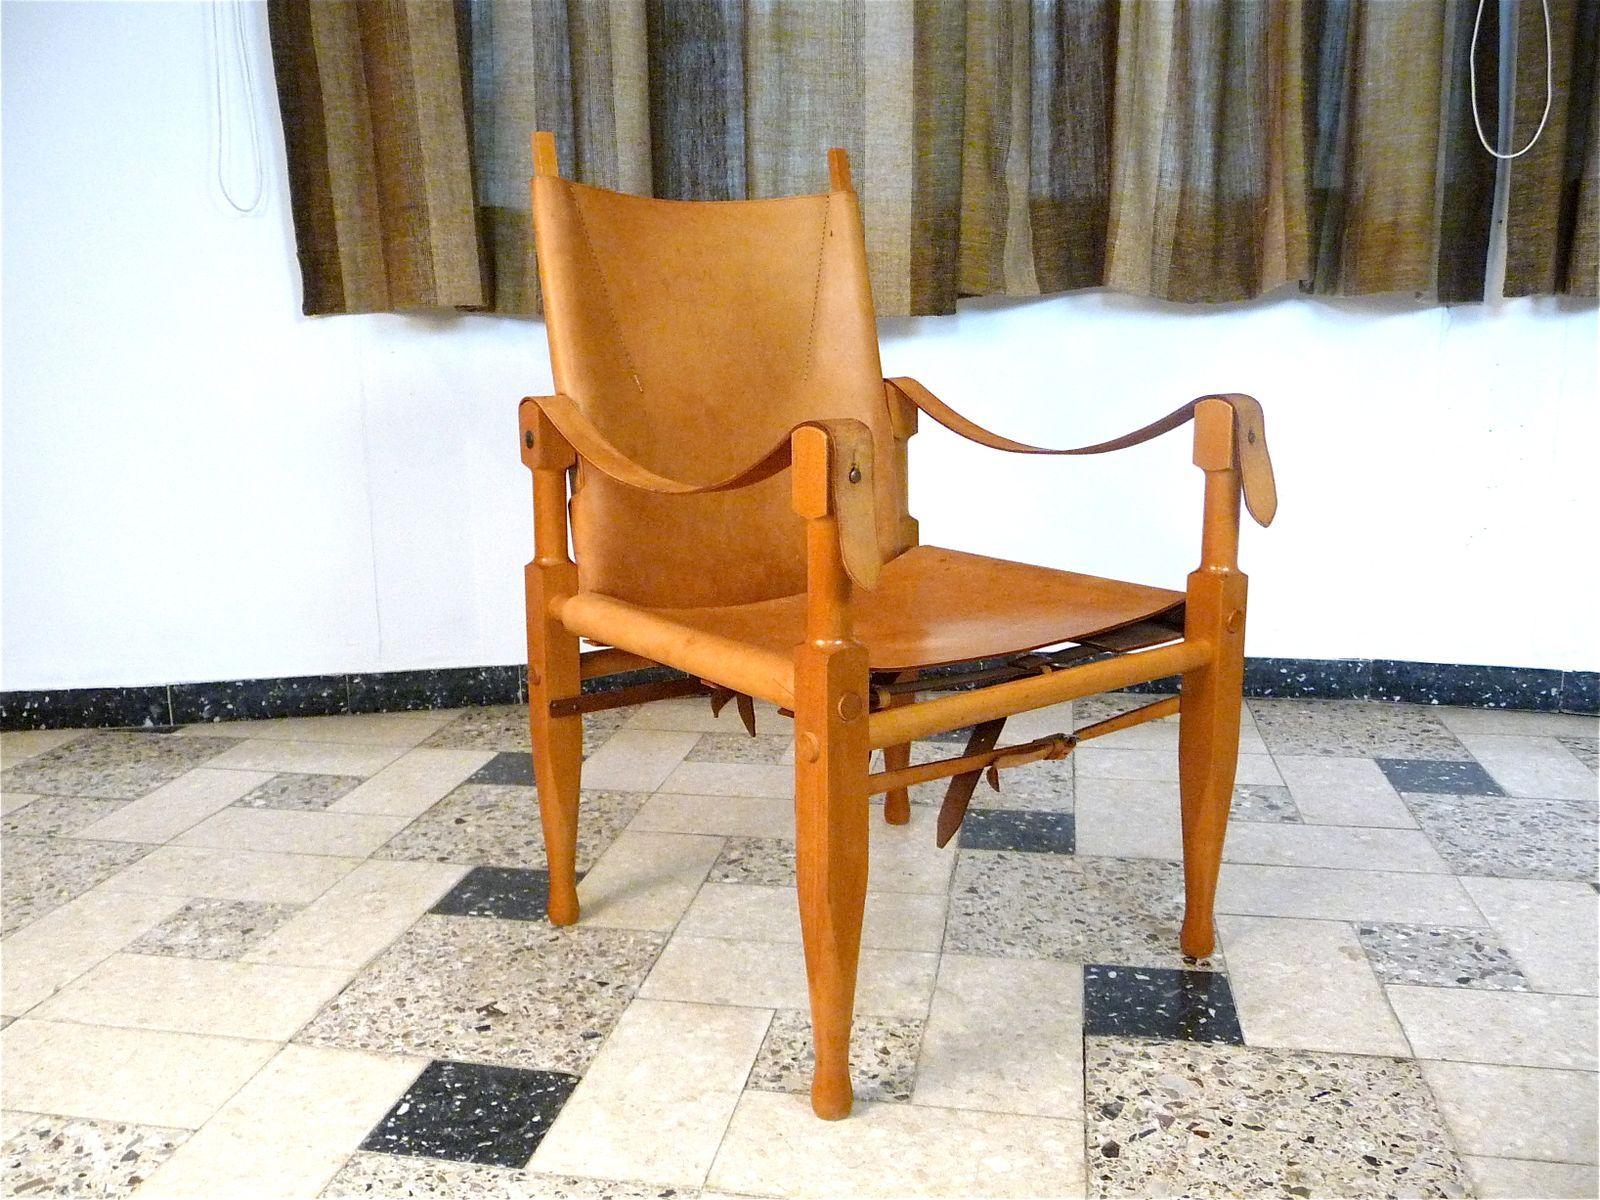 Retro Sessel Einzelsessel Gunstig Kaufen Ohrensessel Kaufen Gesucht Couch Sessel Modern Ledersessel Neu Beziehen Kosten Sessel Couch Sessel Ohrensessel